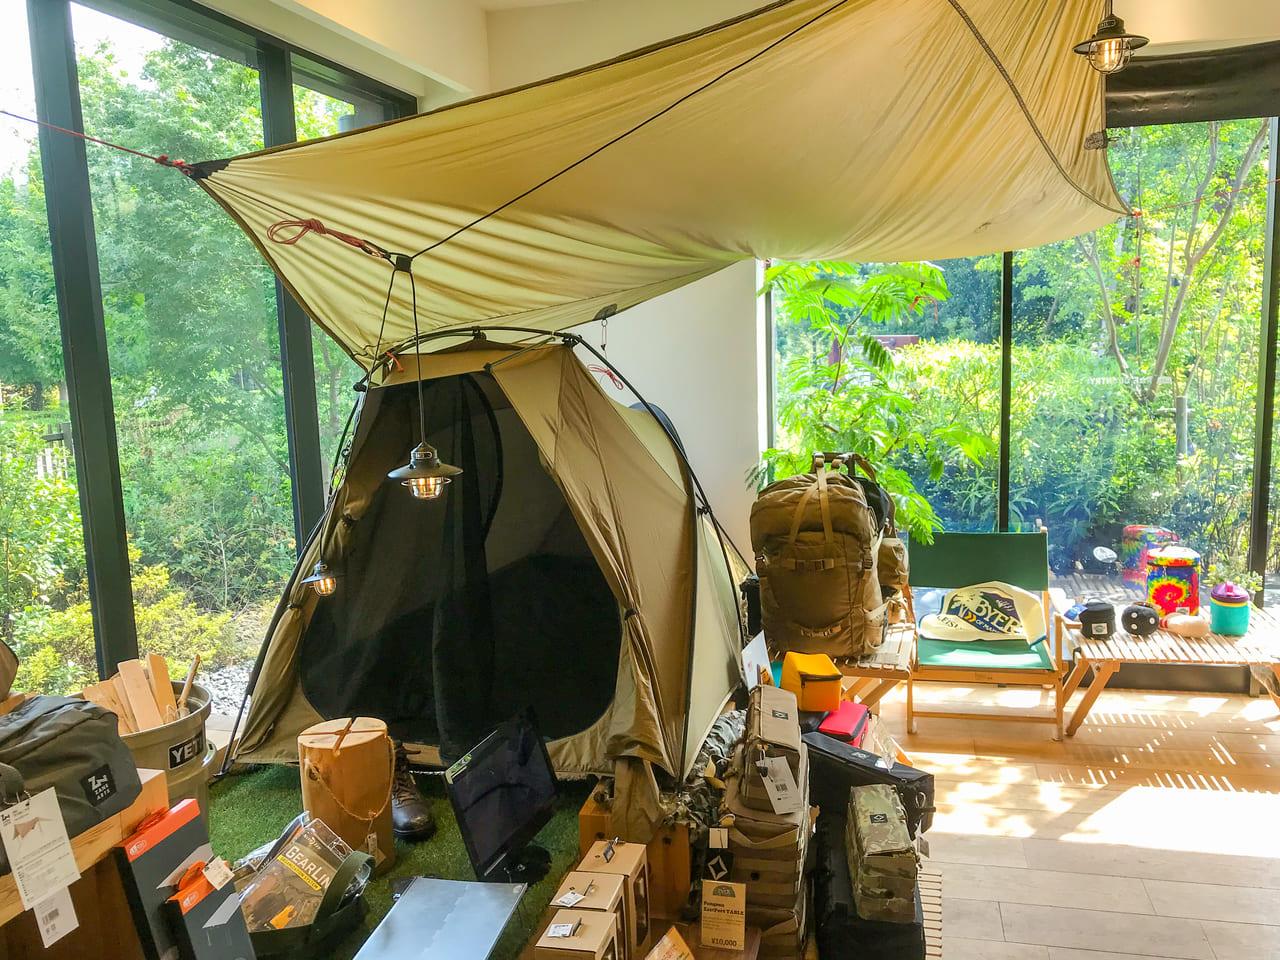 /日当たりの良い場所にソロ用展示テントが飾られている